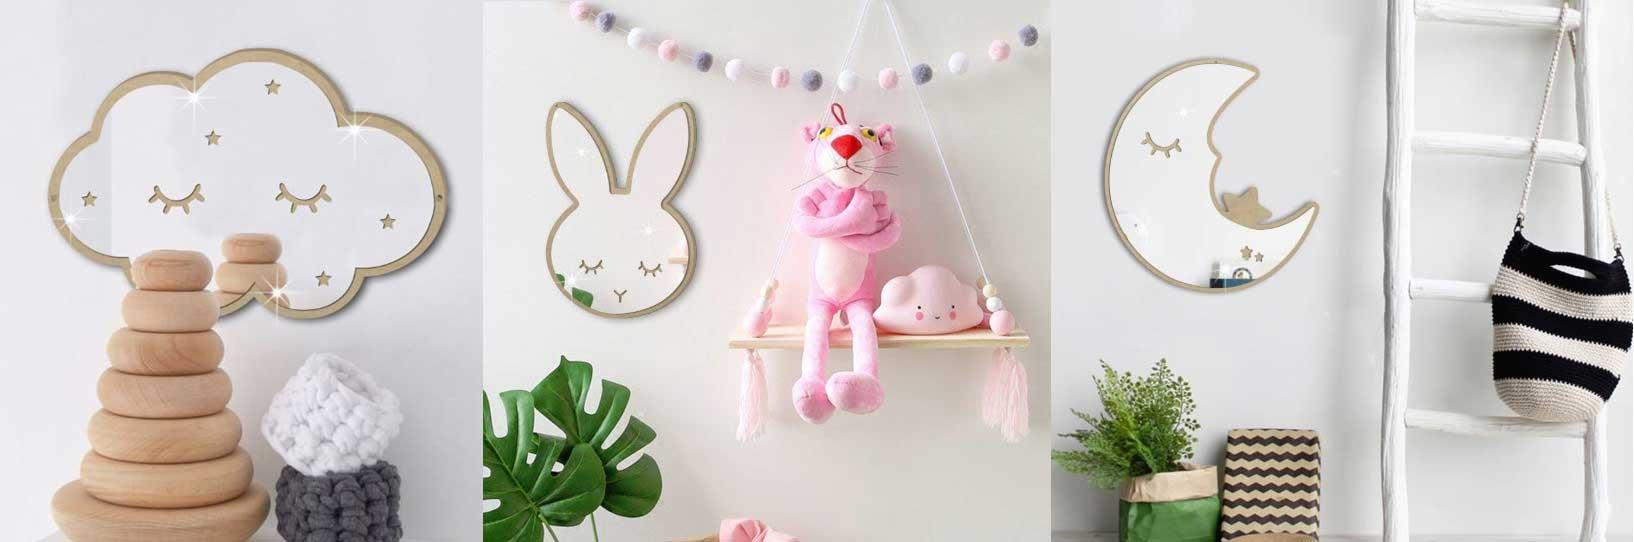 Wanddecoratie Babykamer Boom.Tips Voor Wanddecoratie In De Babykamer Een Muursticker Boom